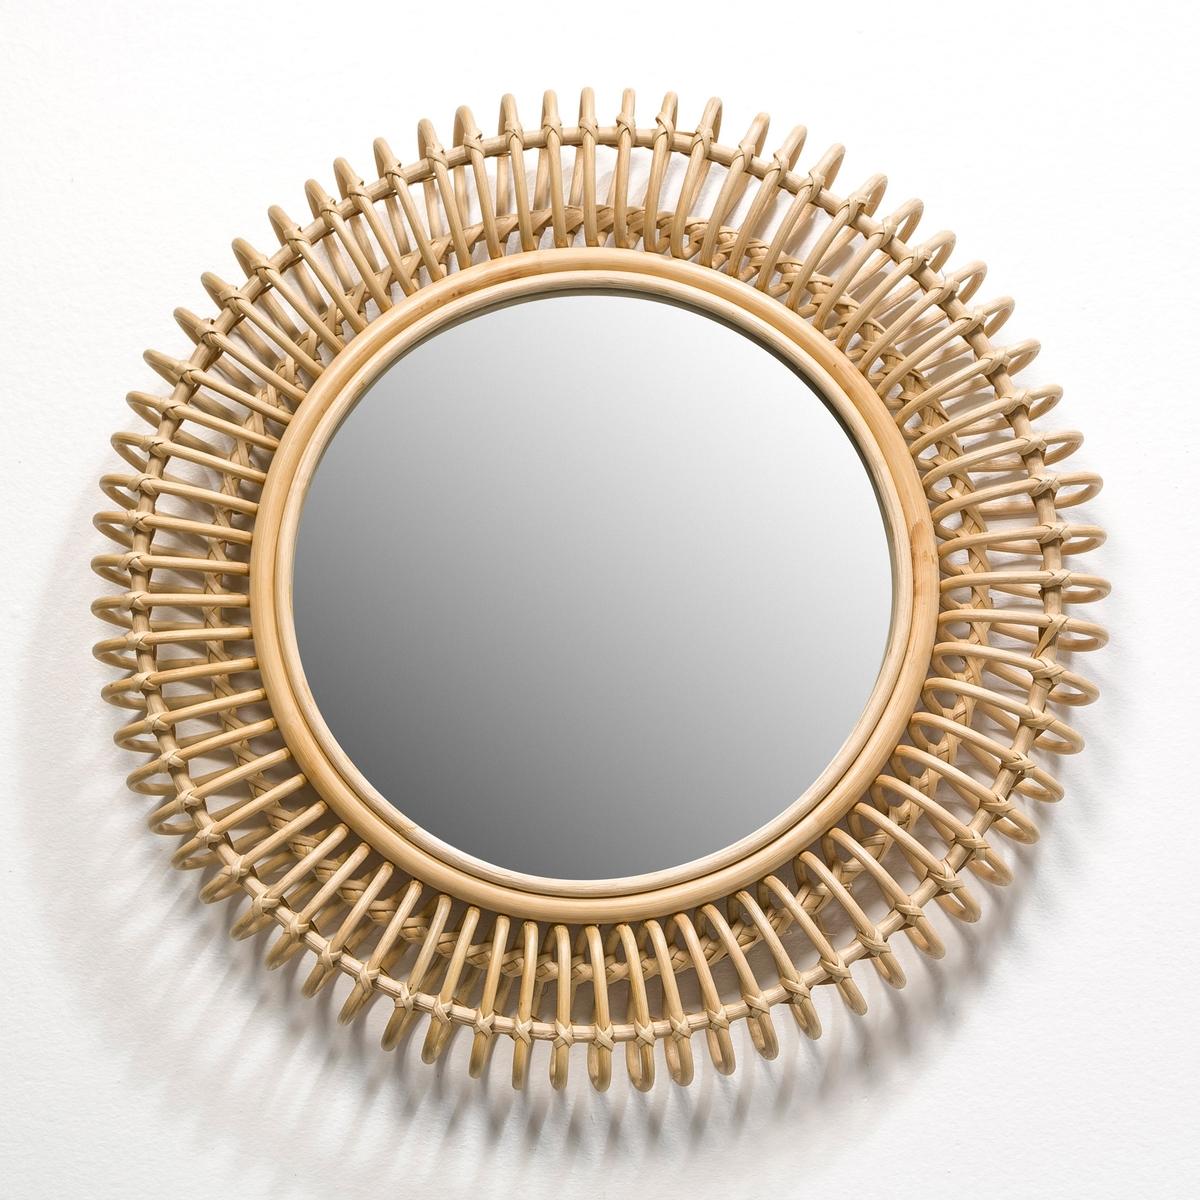 Зеркало La Redoute Круглое из ротанга Tarsile см единый размер бежевый гирлянда la redoute настенная из макраме indila единый размер бежевый